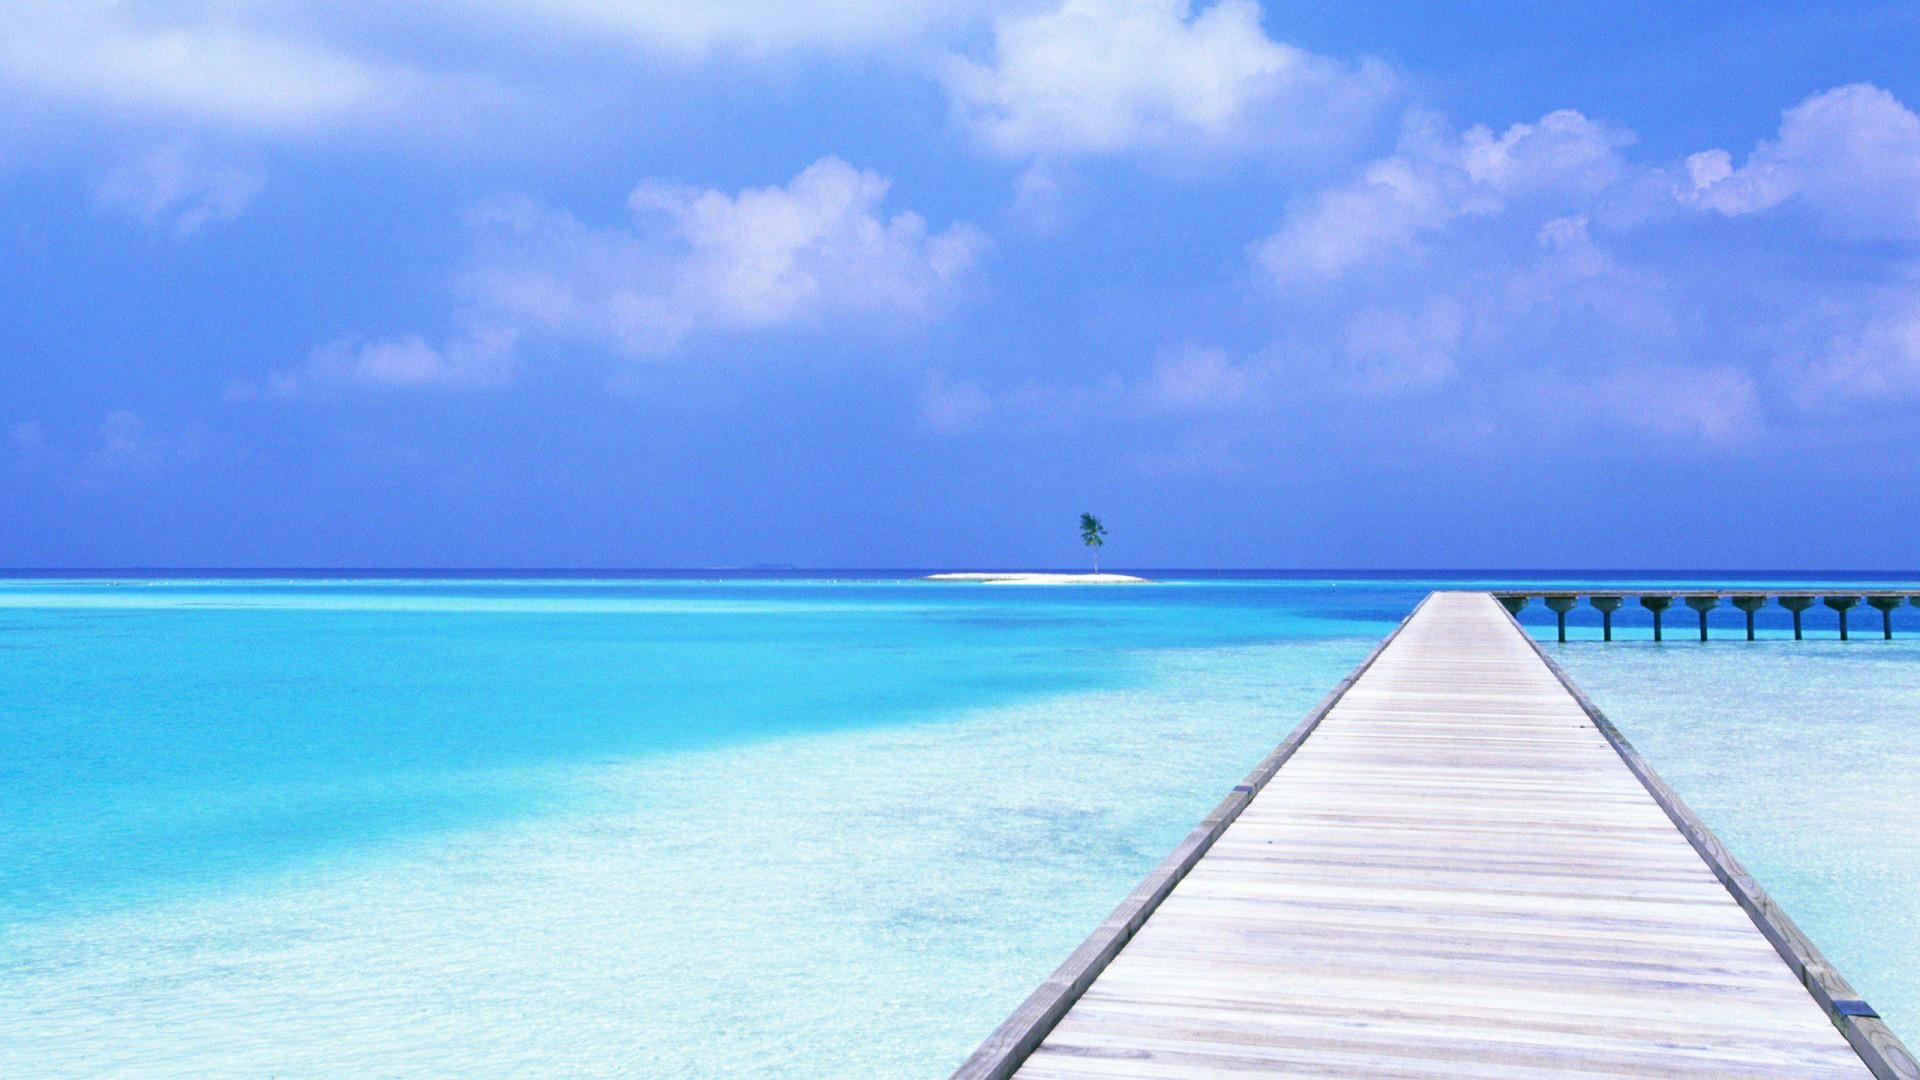 Обои для рабочего пляж море стола скачать бесплатно